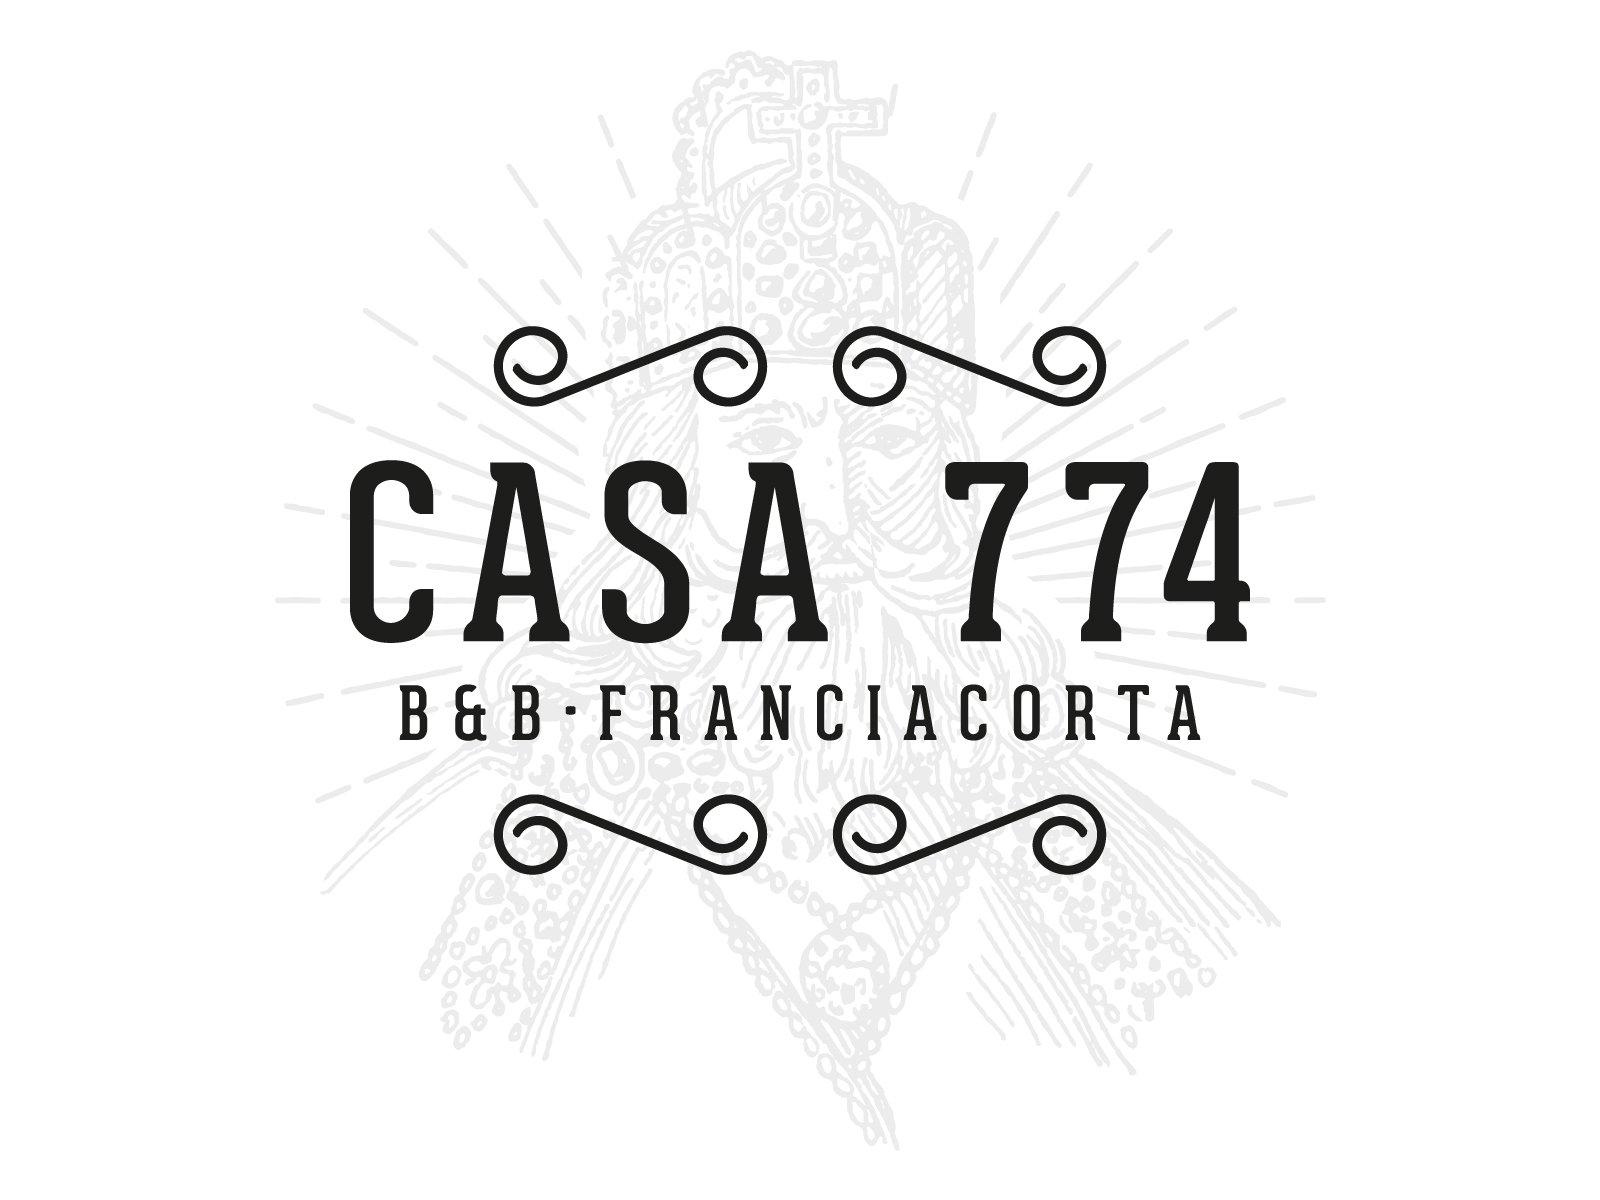 casa 774, branding b&b, Passirano - Italia